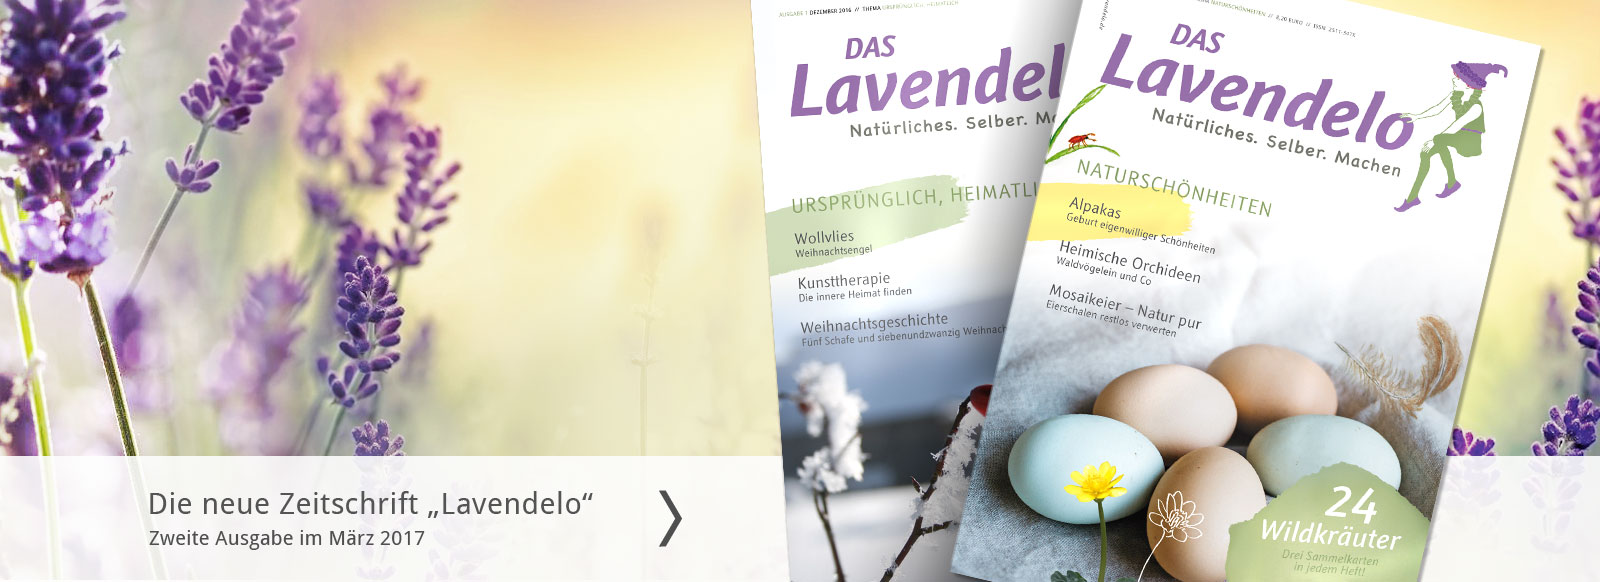 Zeitschrift das Lavendelo mit Aneitungen Natürliches Selber Machen